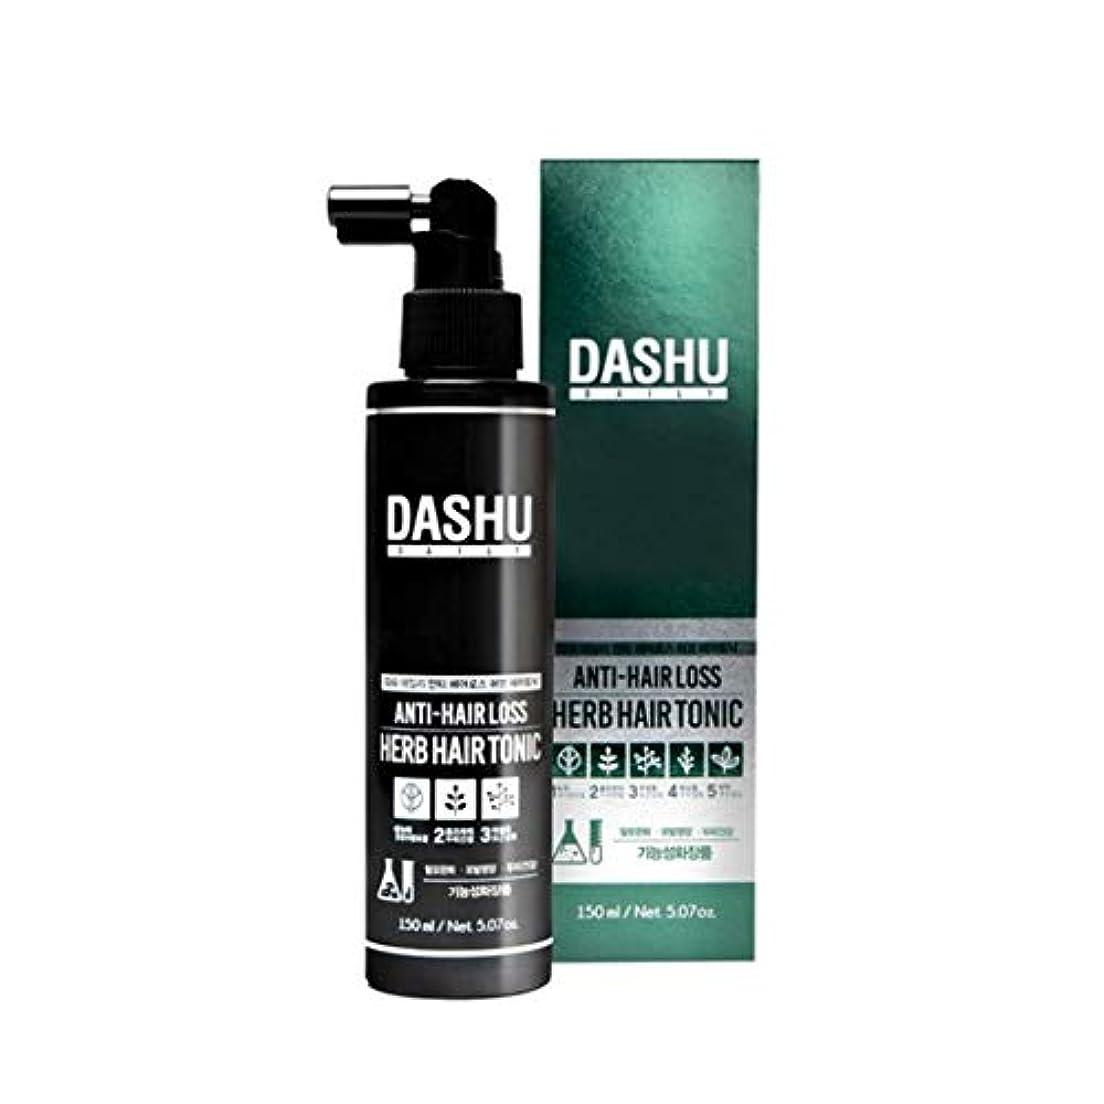 特定のうねるブロンズダシュデイリーアンチヘアロスハブヘアトニック150ml韓国コスメ、Dashu Daily Anti-Hair Loss Herb Hair Tonic 150ml Korean Cosmetics {並行輸入品]